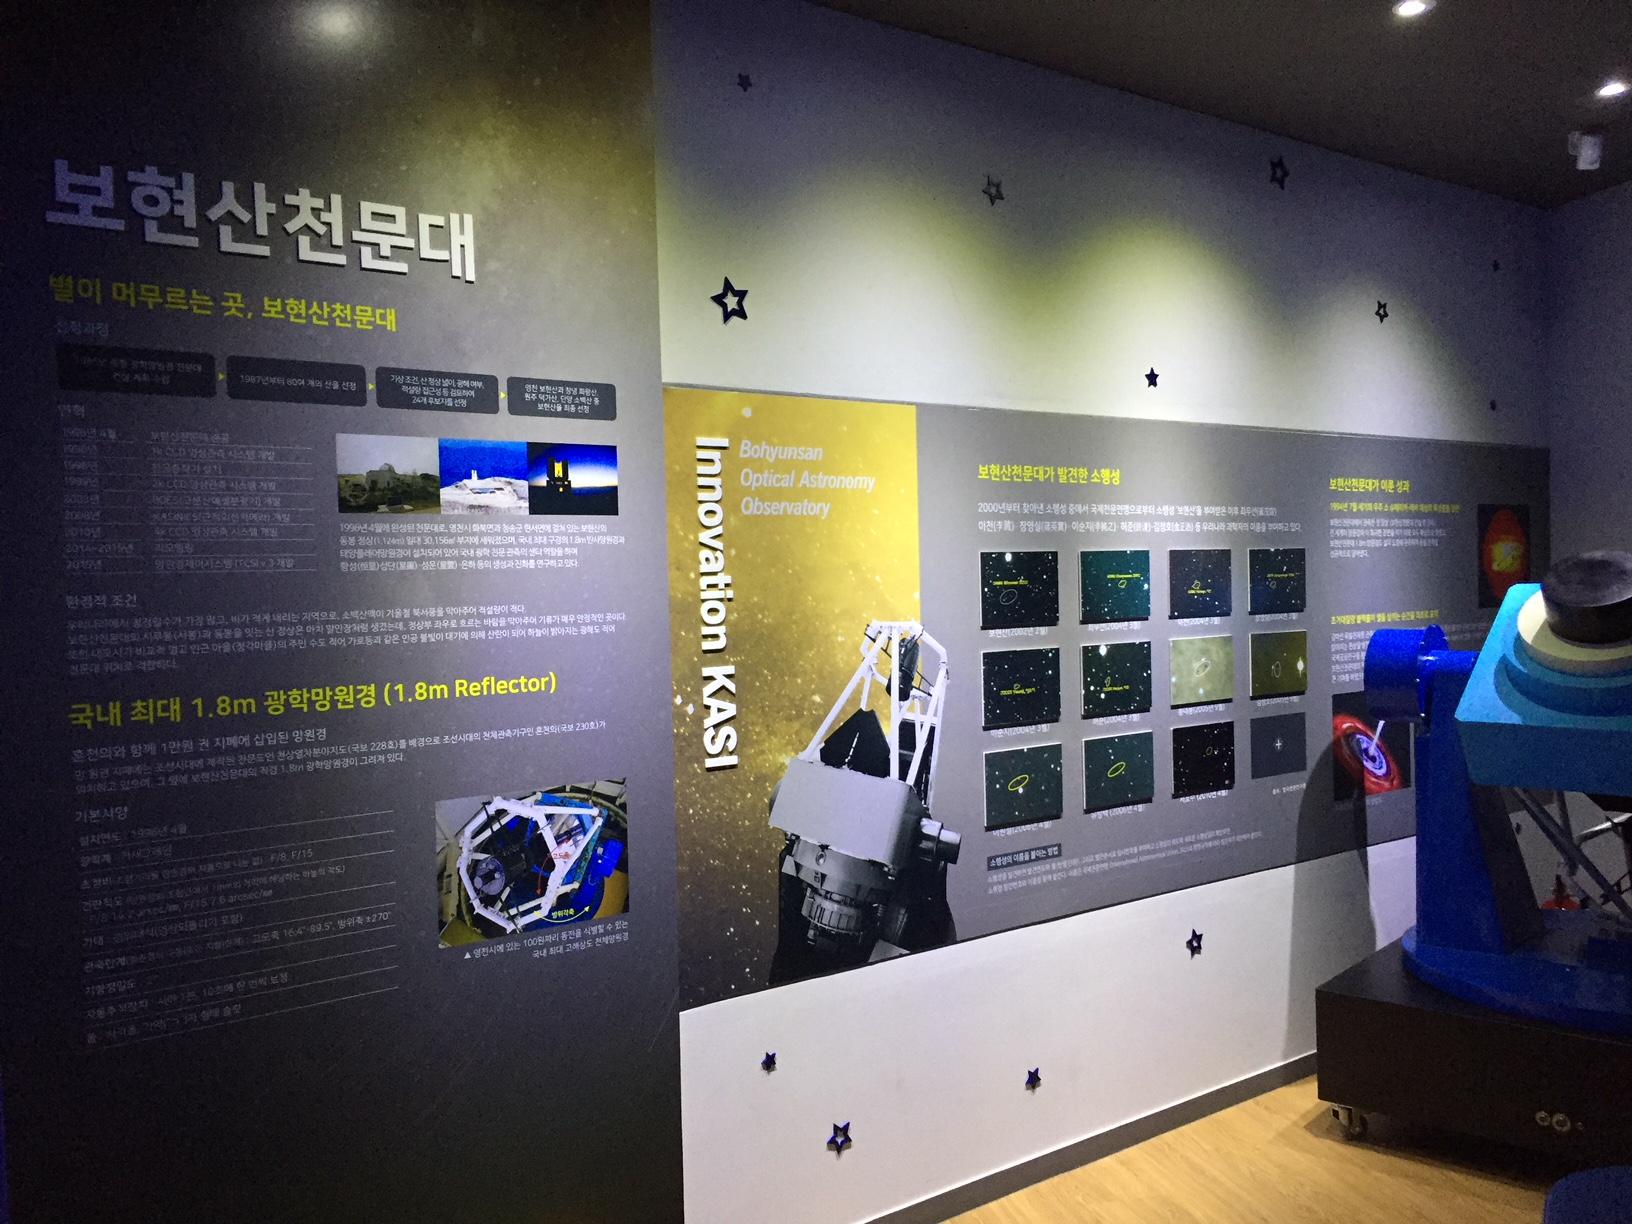 (체험) 2018.08.15 영천 보현산천문과학관